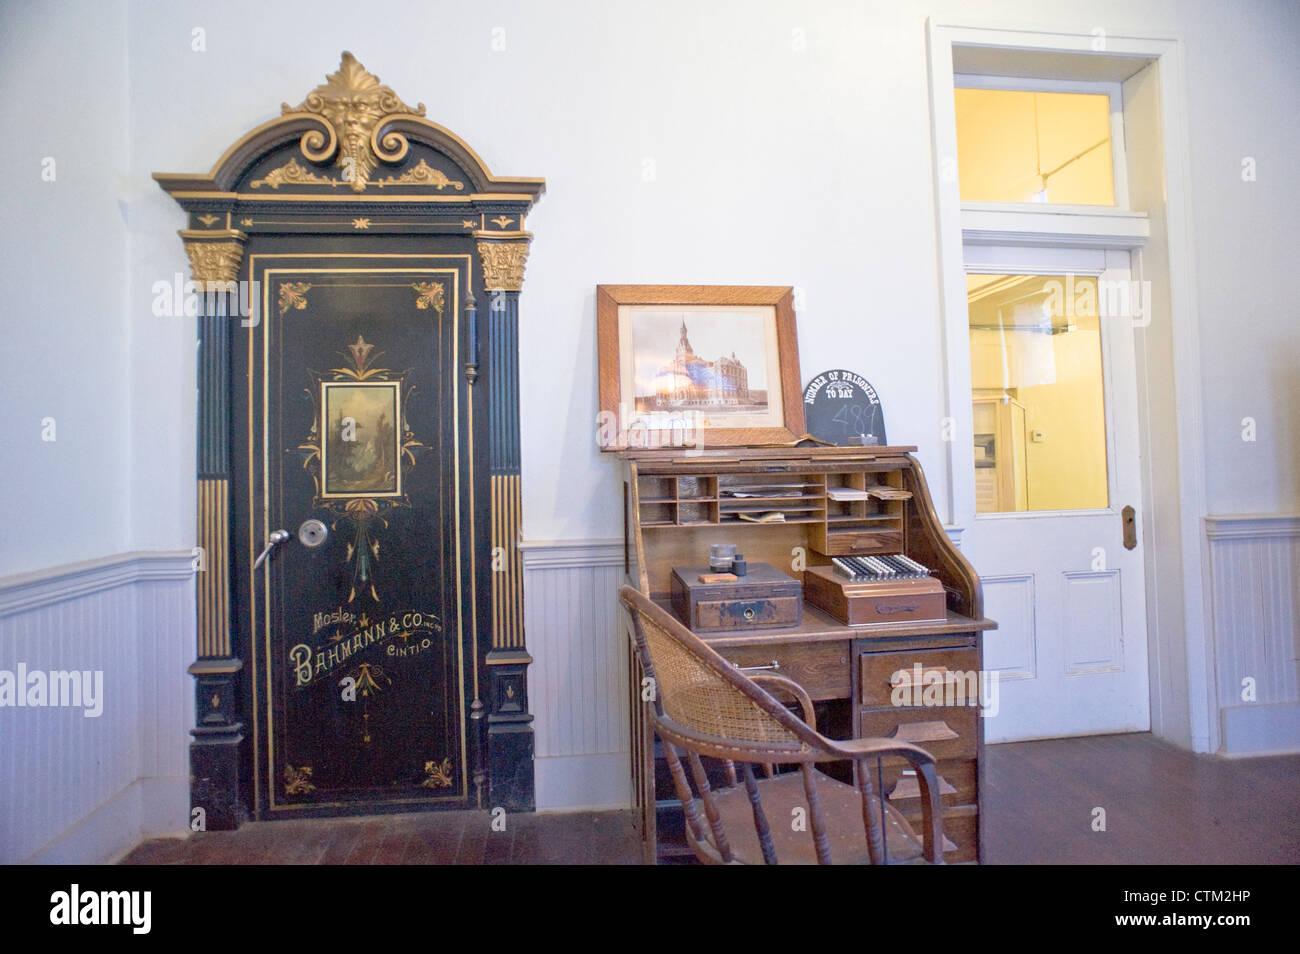 La oficina del director, en la antigua penitenciaría estatal de Idaho, Boise, Idaho, USA. Foto de stock